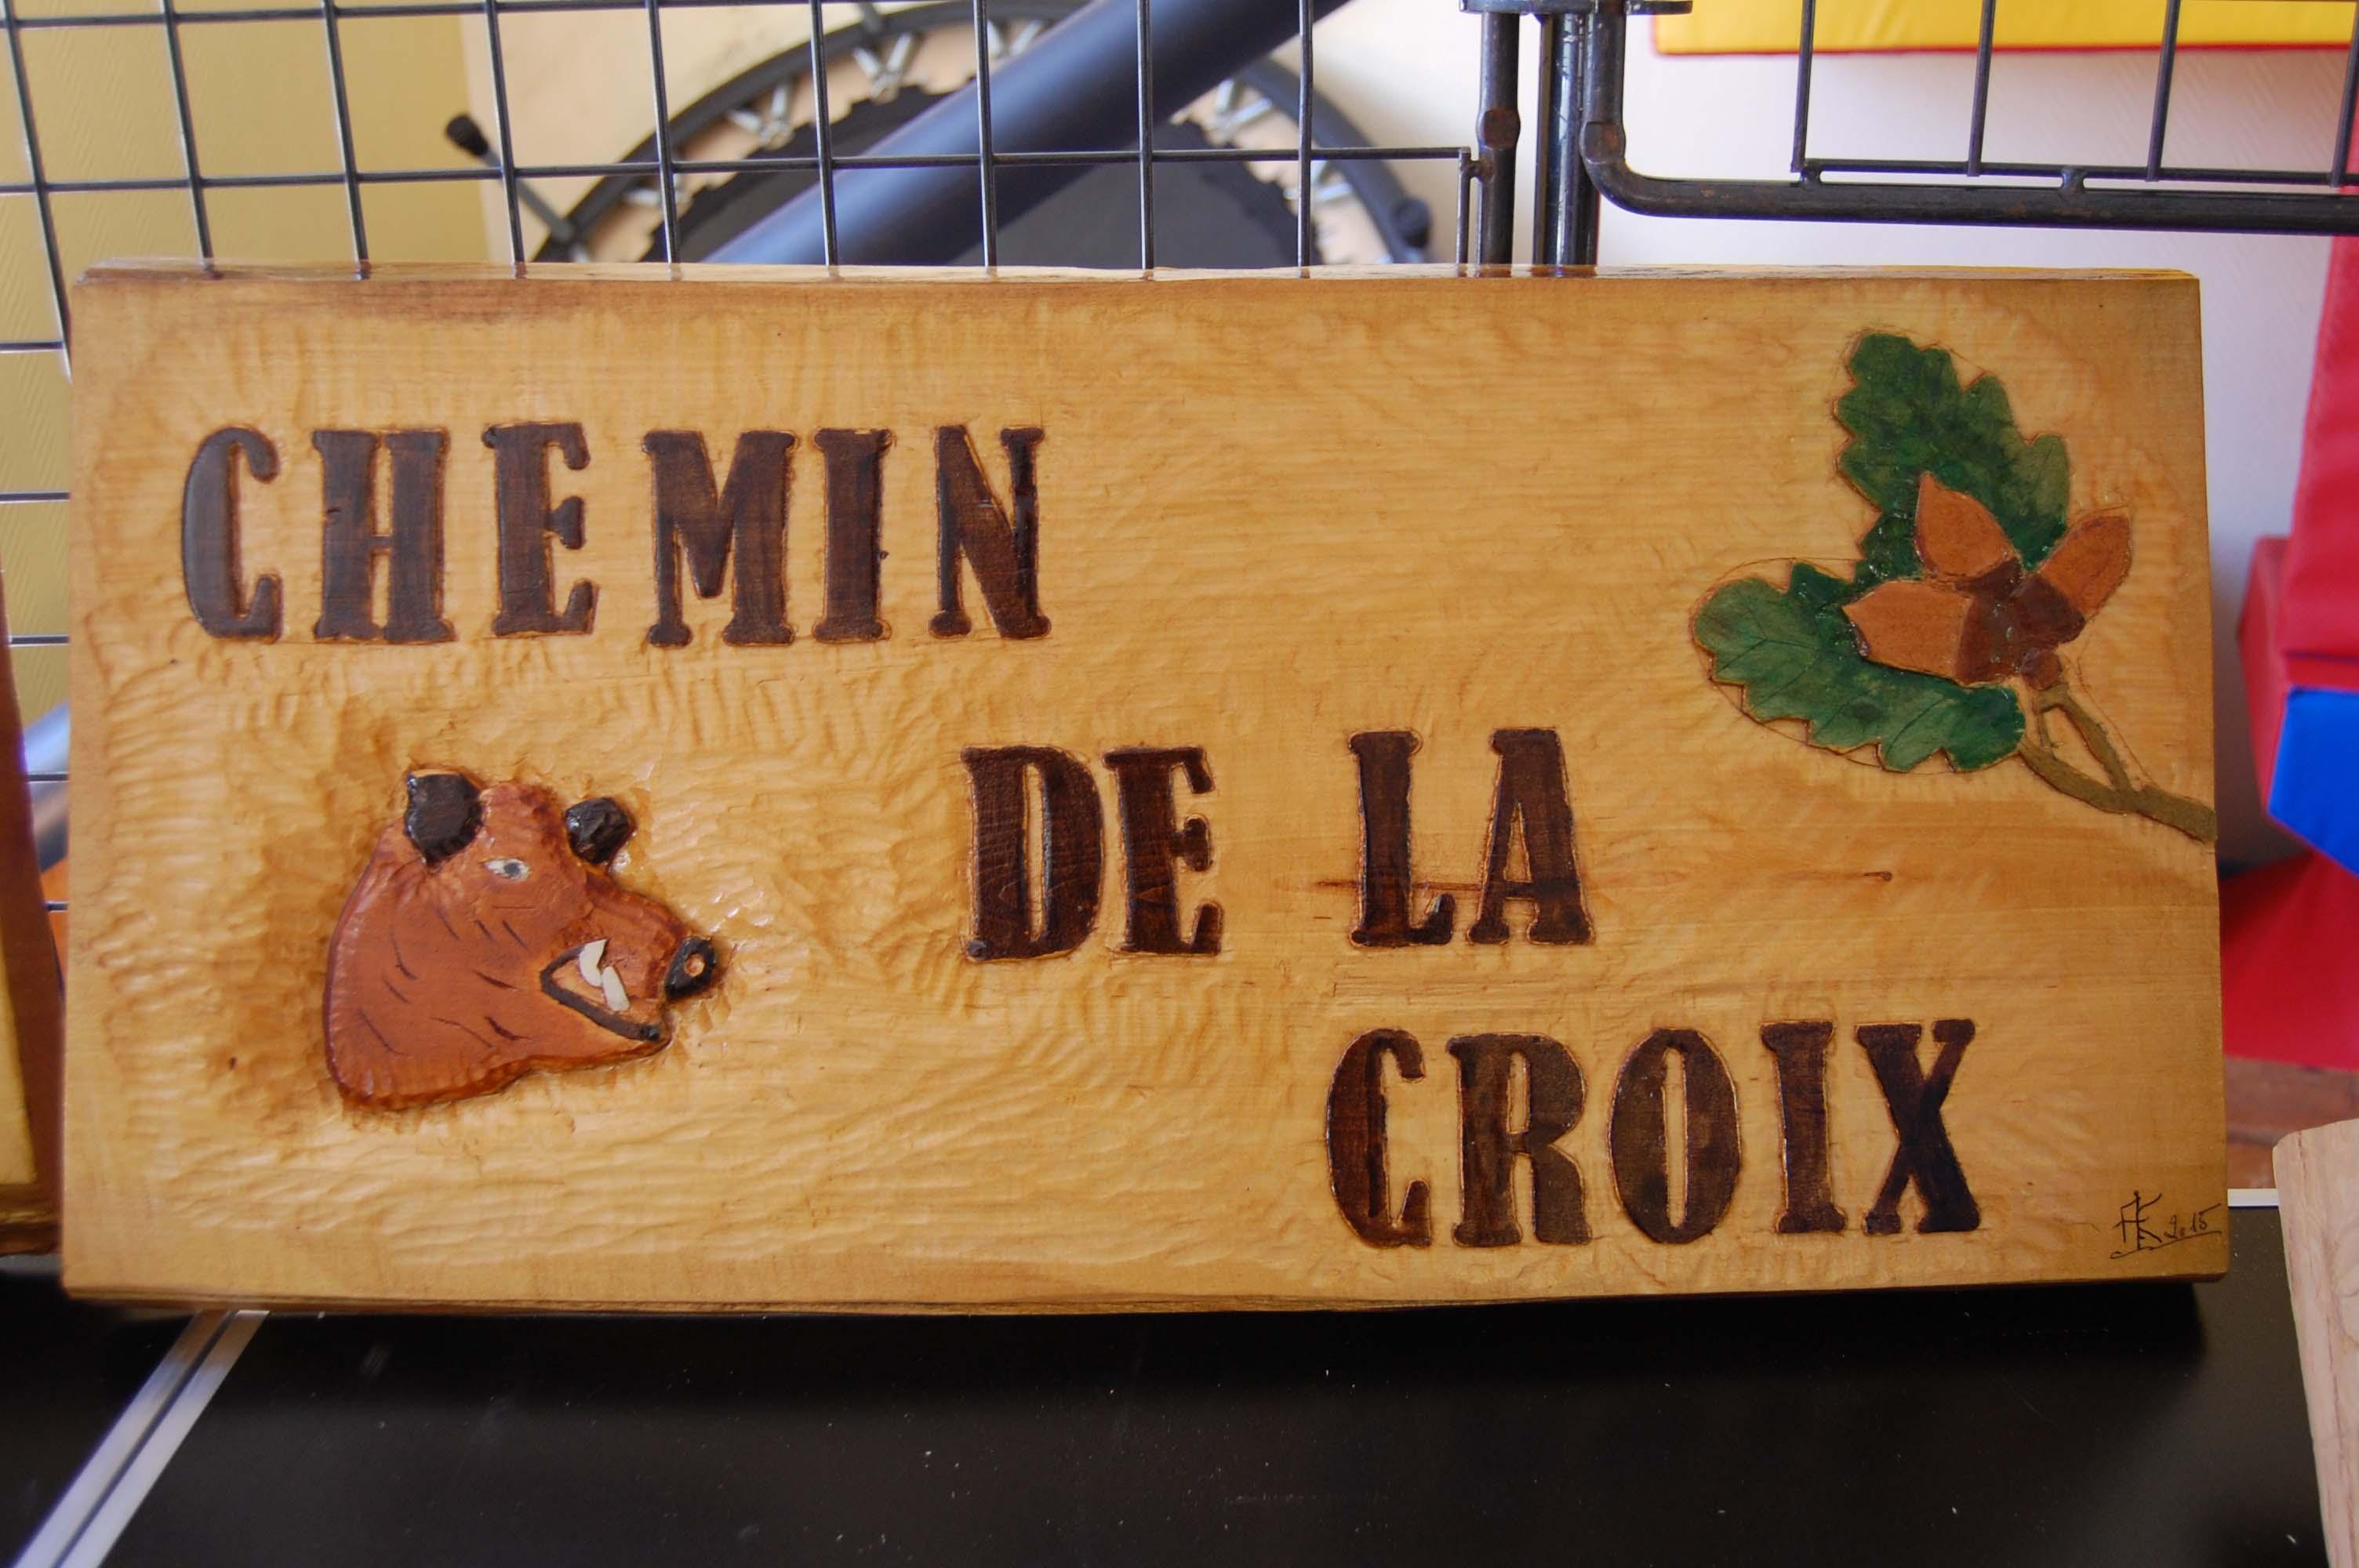 Chemin de la croix-All1.jpg